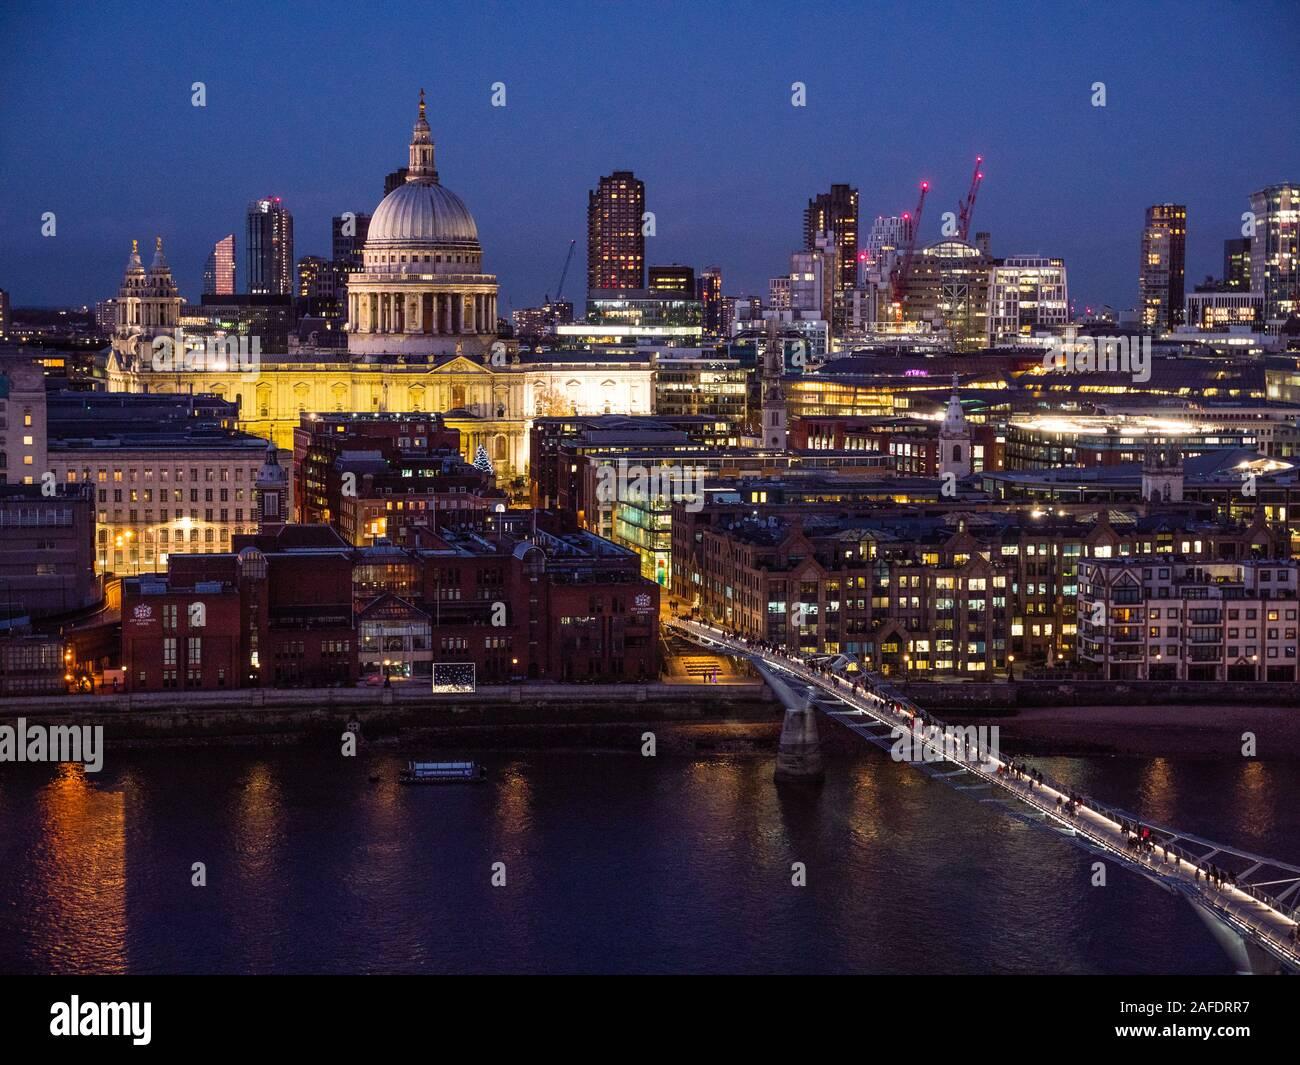 La Catedral de St Paul, el puente Millennium, el Río Támesis, cerca del tiempo, Londres, Inglaterra, Reino Unido, GB. Foto de stock